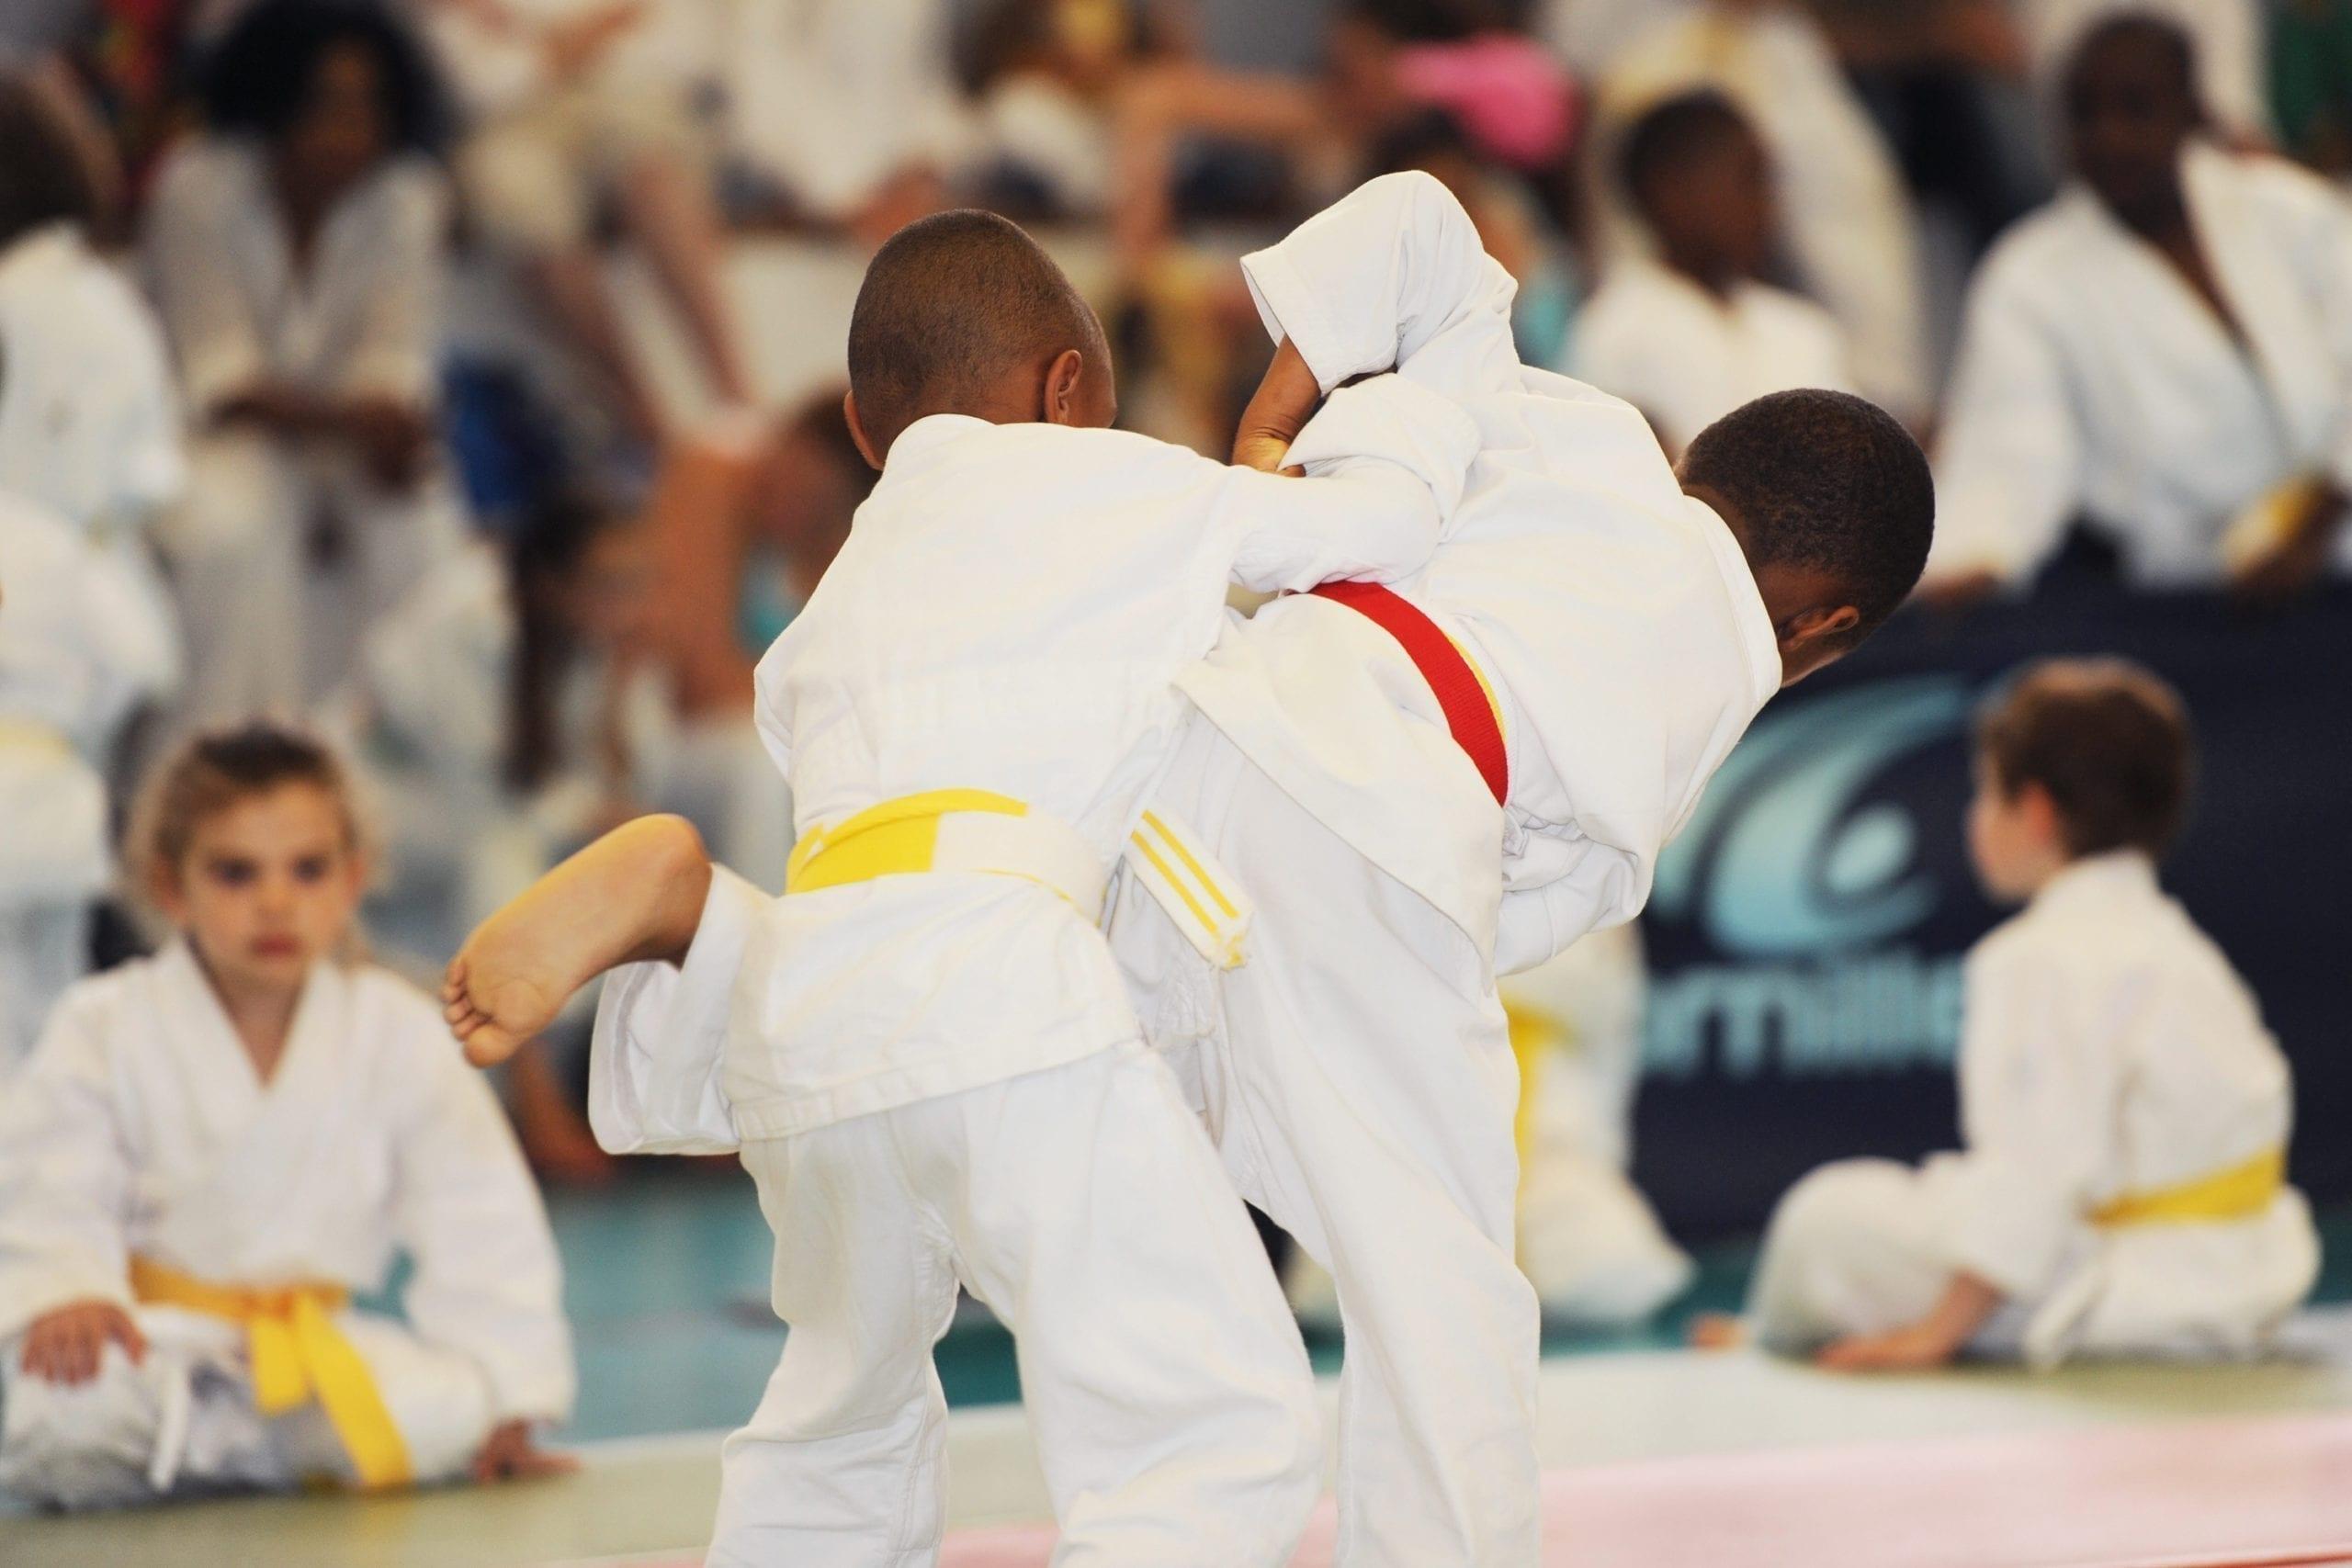 enfant allergique faisant du judo